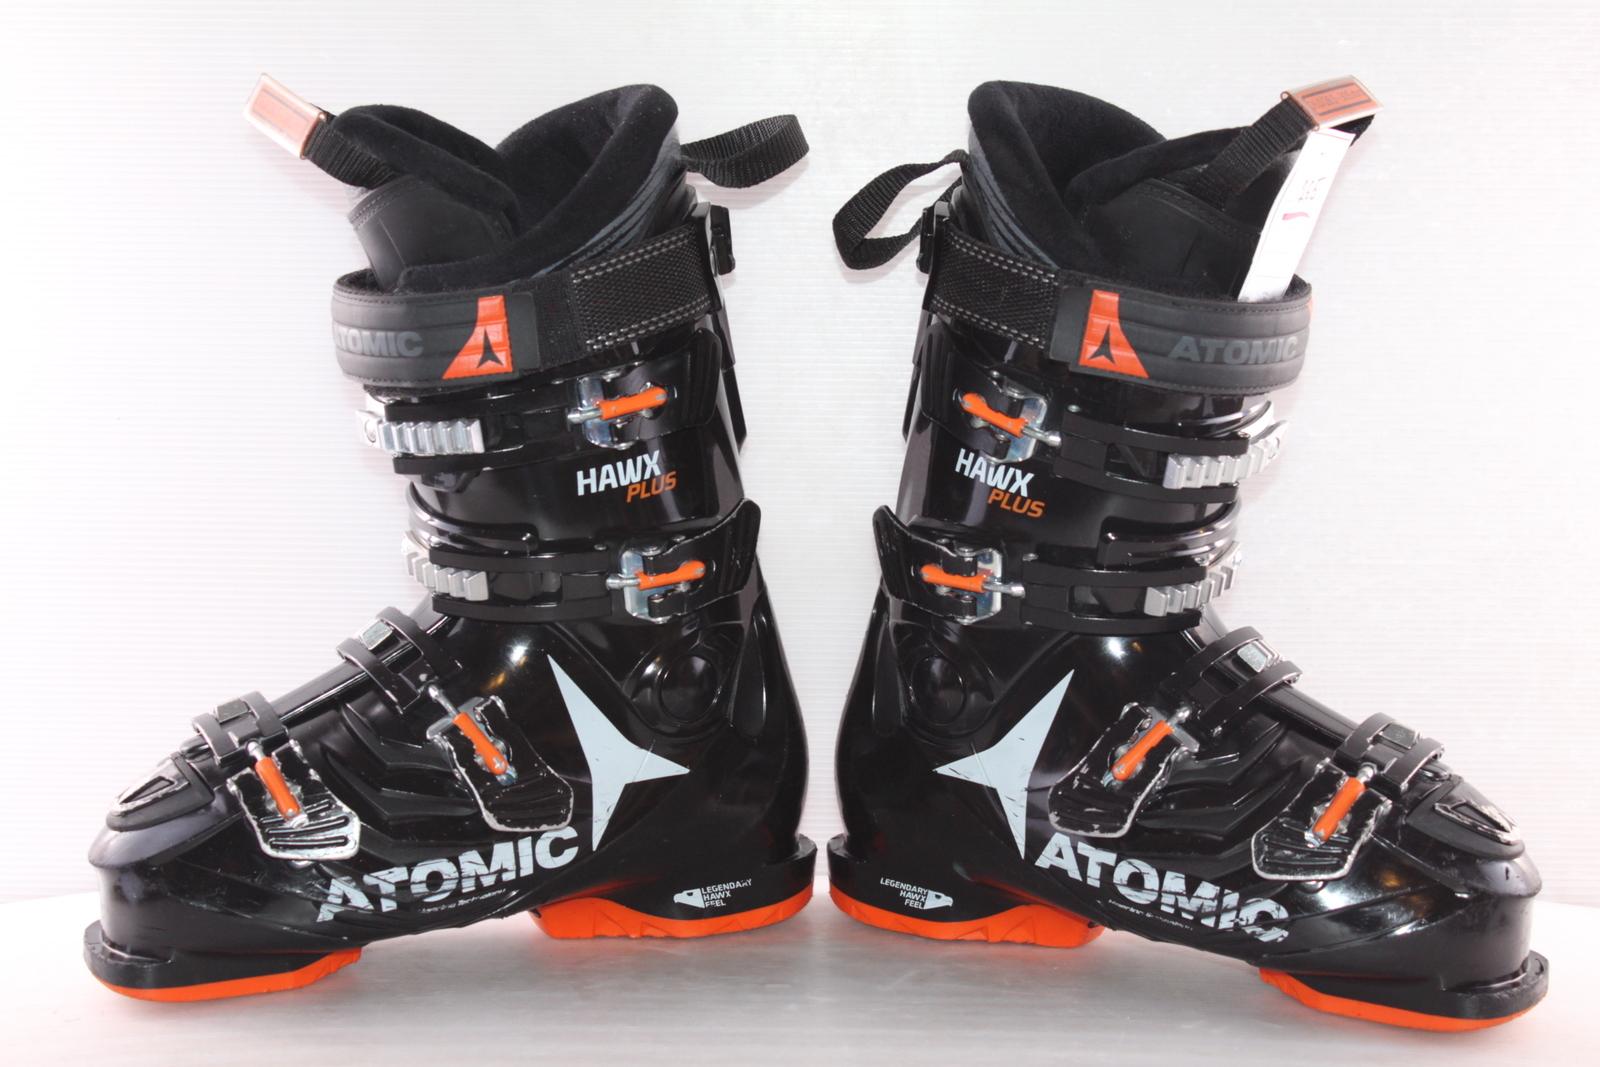 Lyžařské boty Atomic Hawx plus vel. EU41 flexe 80